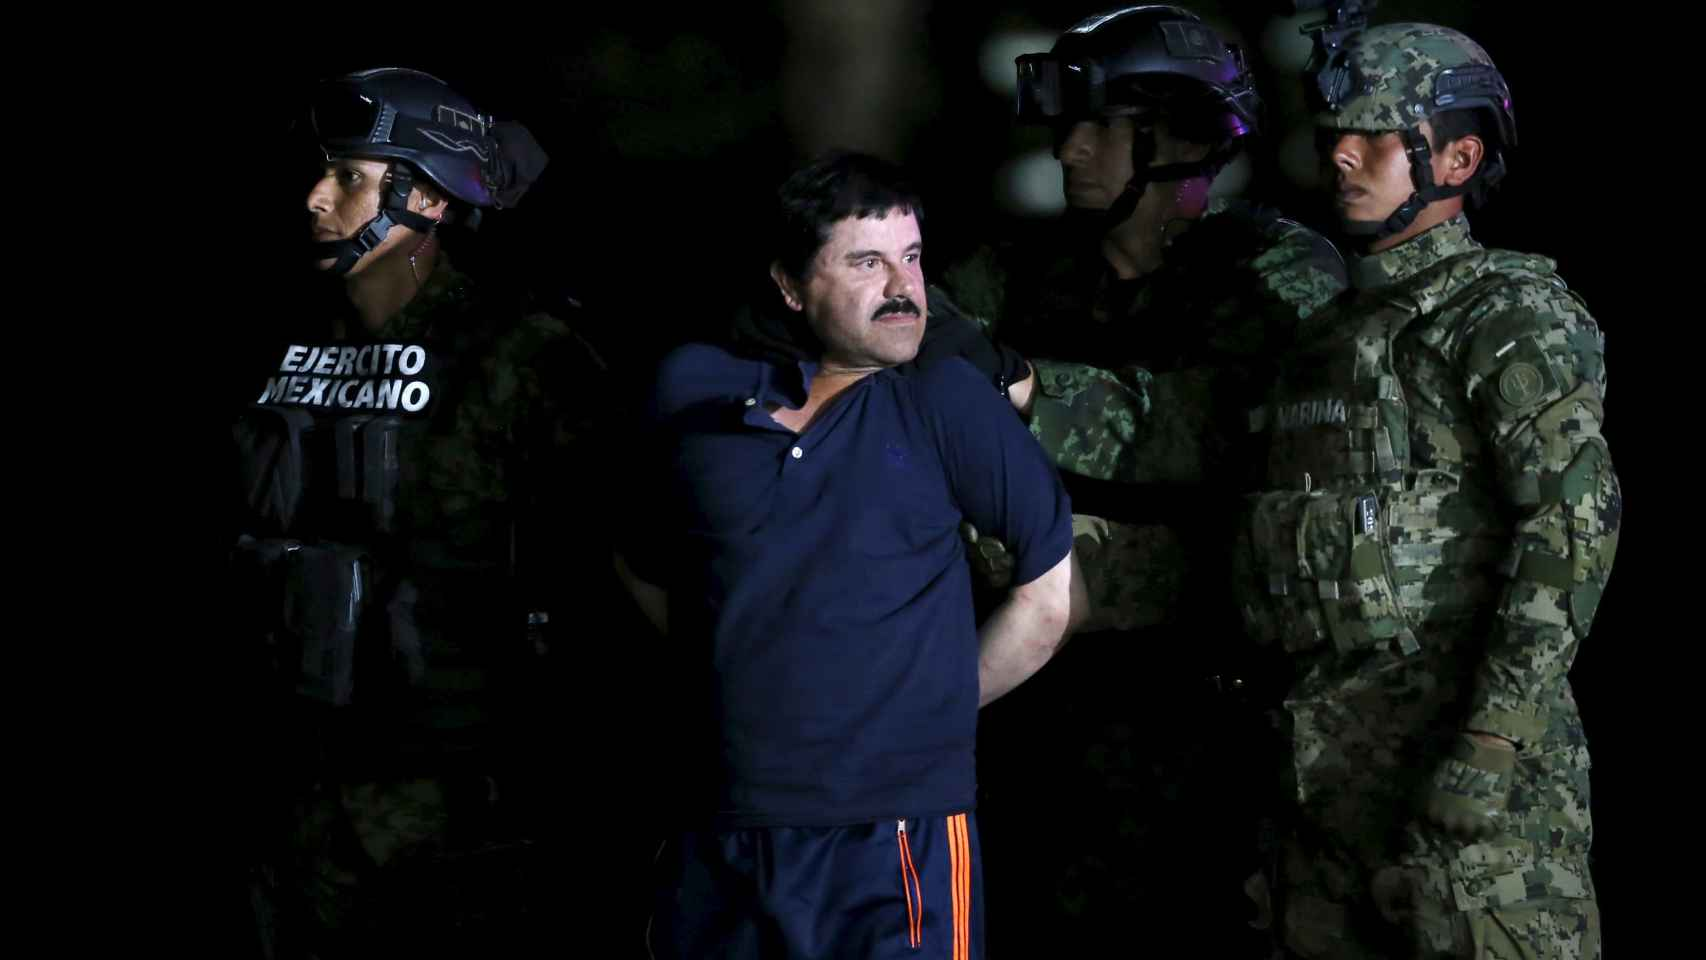 El Chapo Guzmán, en una imagen difundida por medios mexicanos.